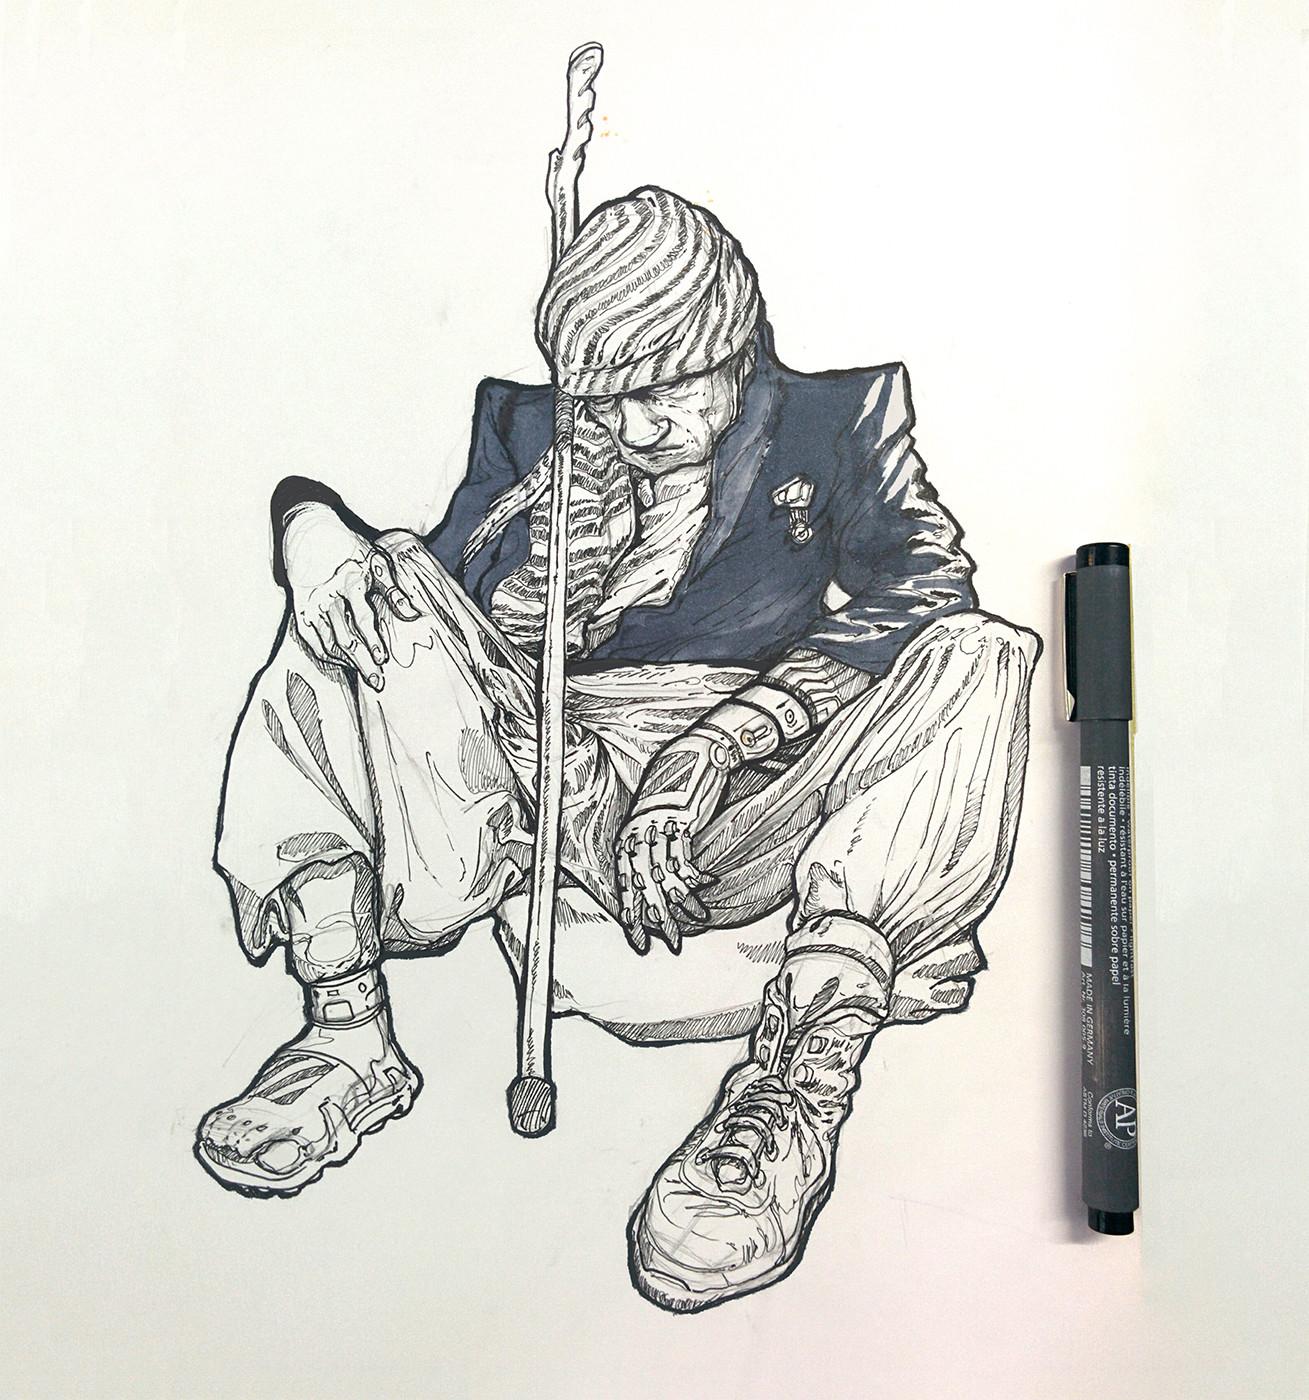 Fall of a Bionic beggar